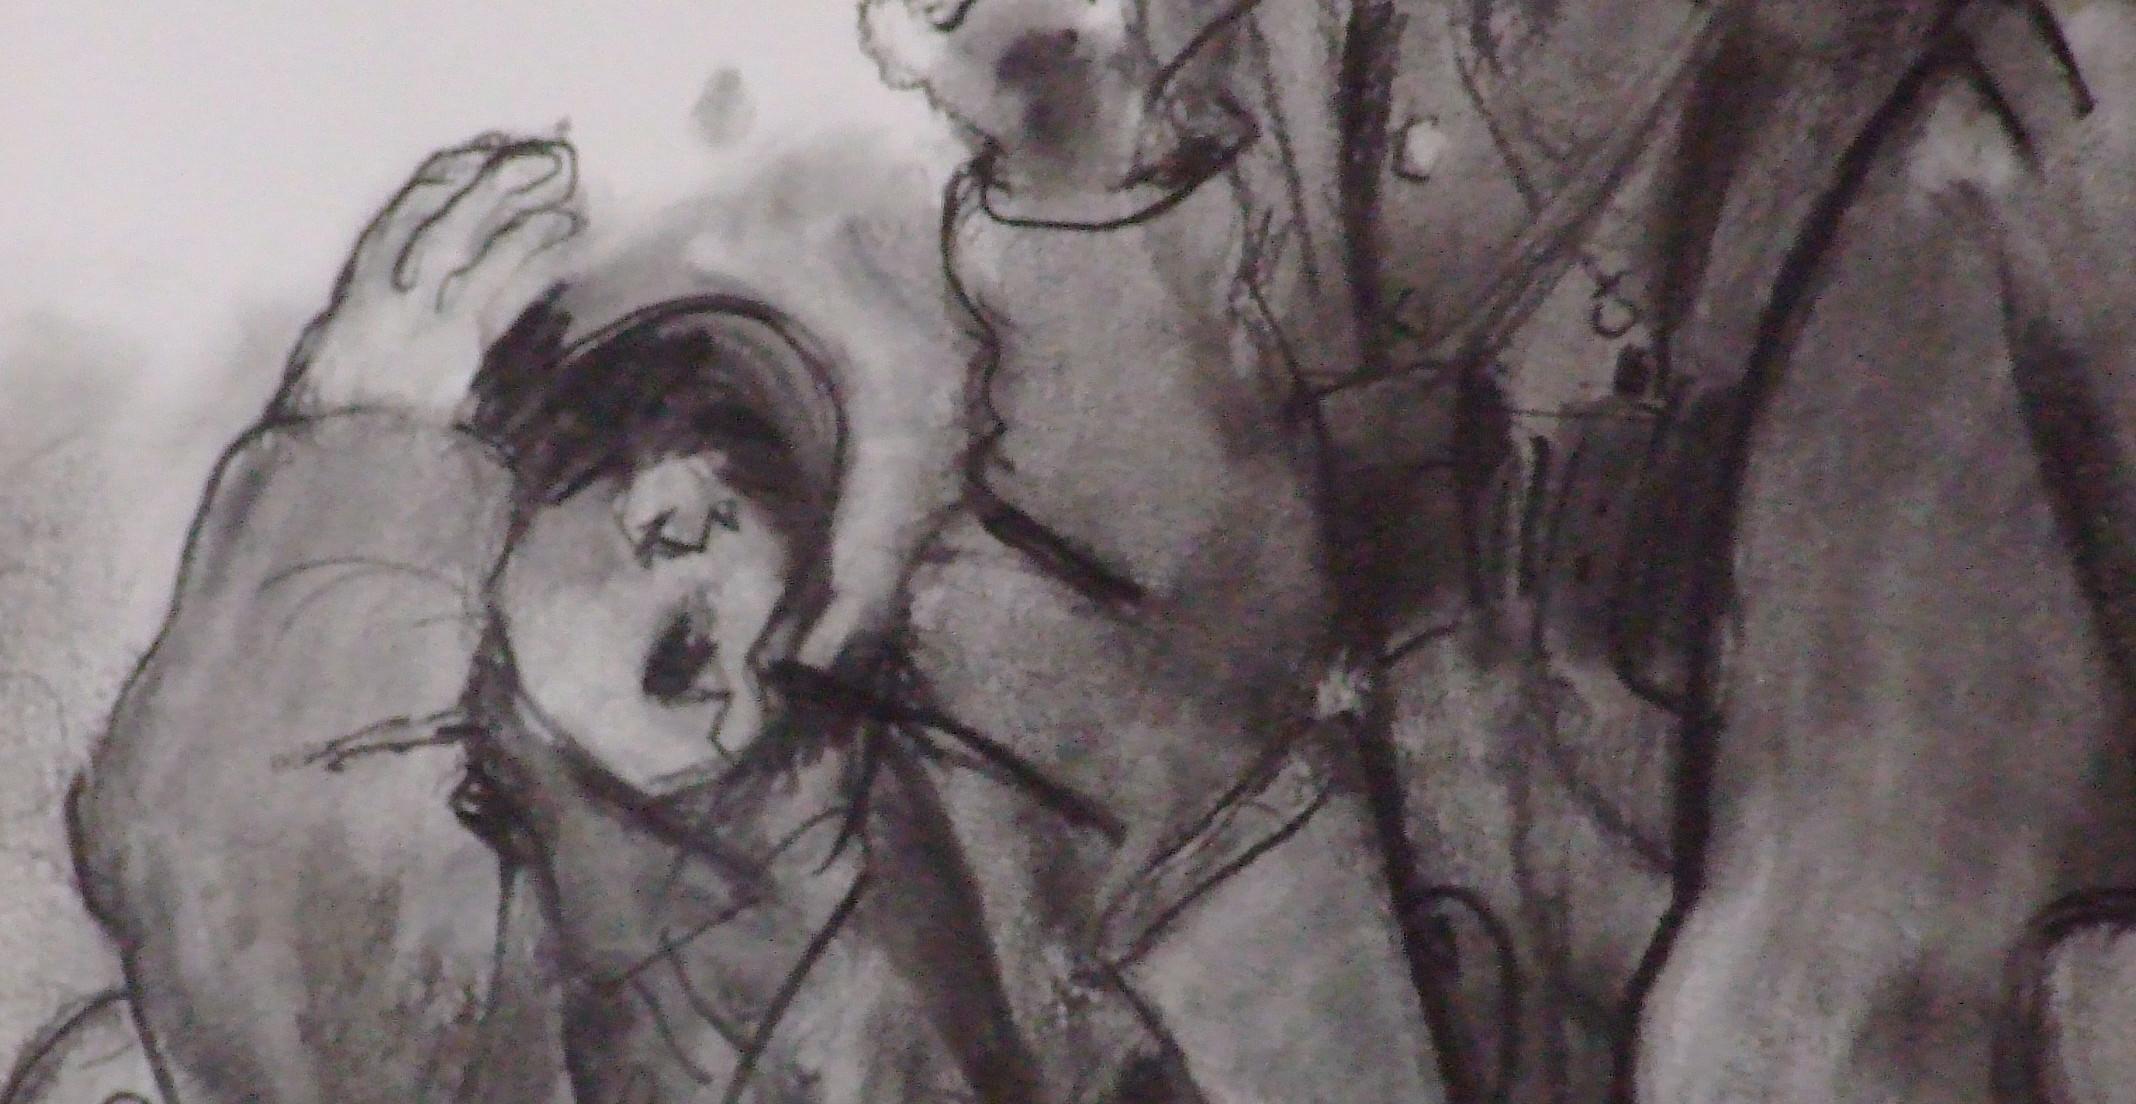 Appel à souscription : Craonne, 100 ans de batailles inachevées (1914-2018)